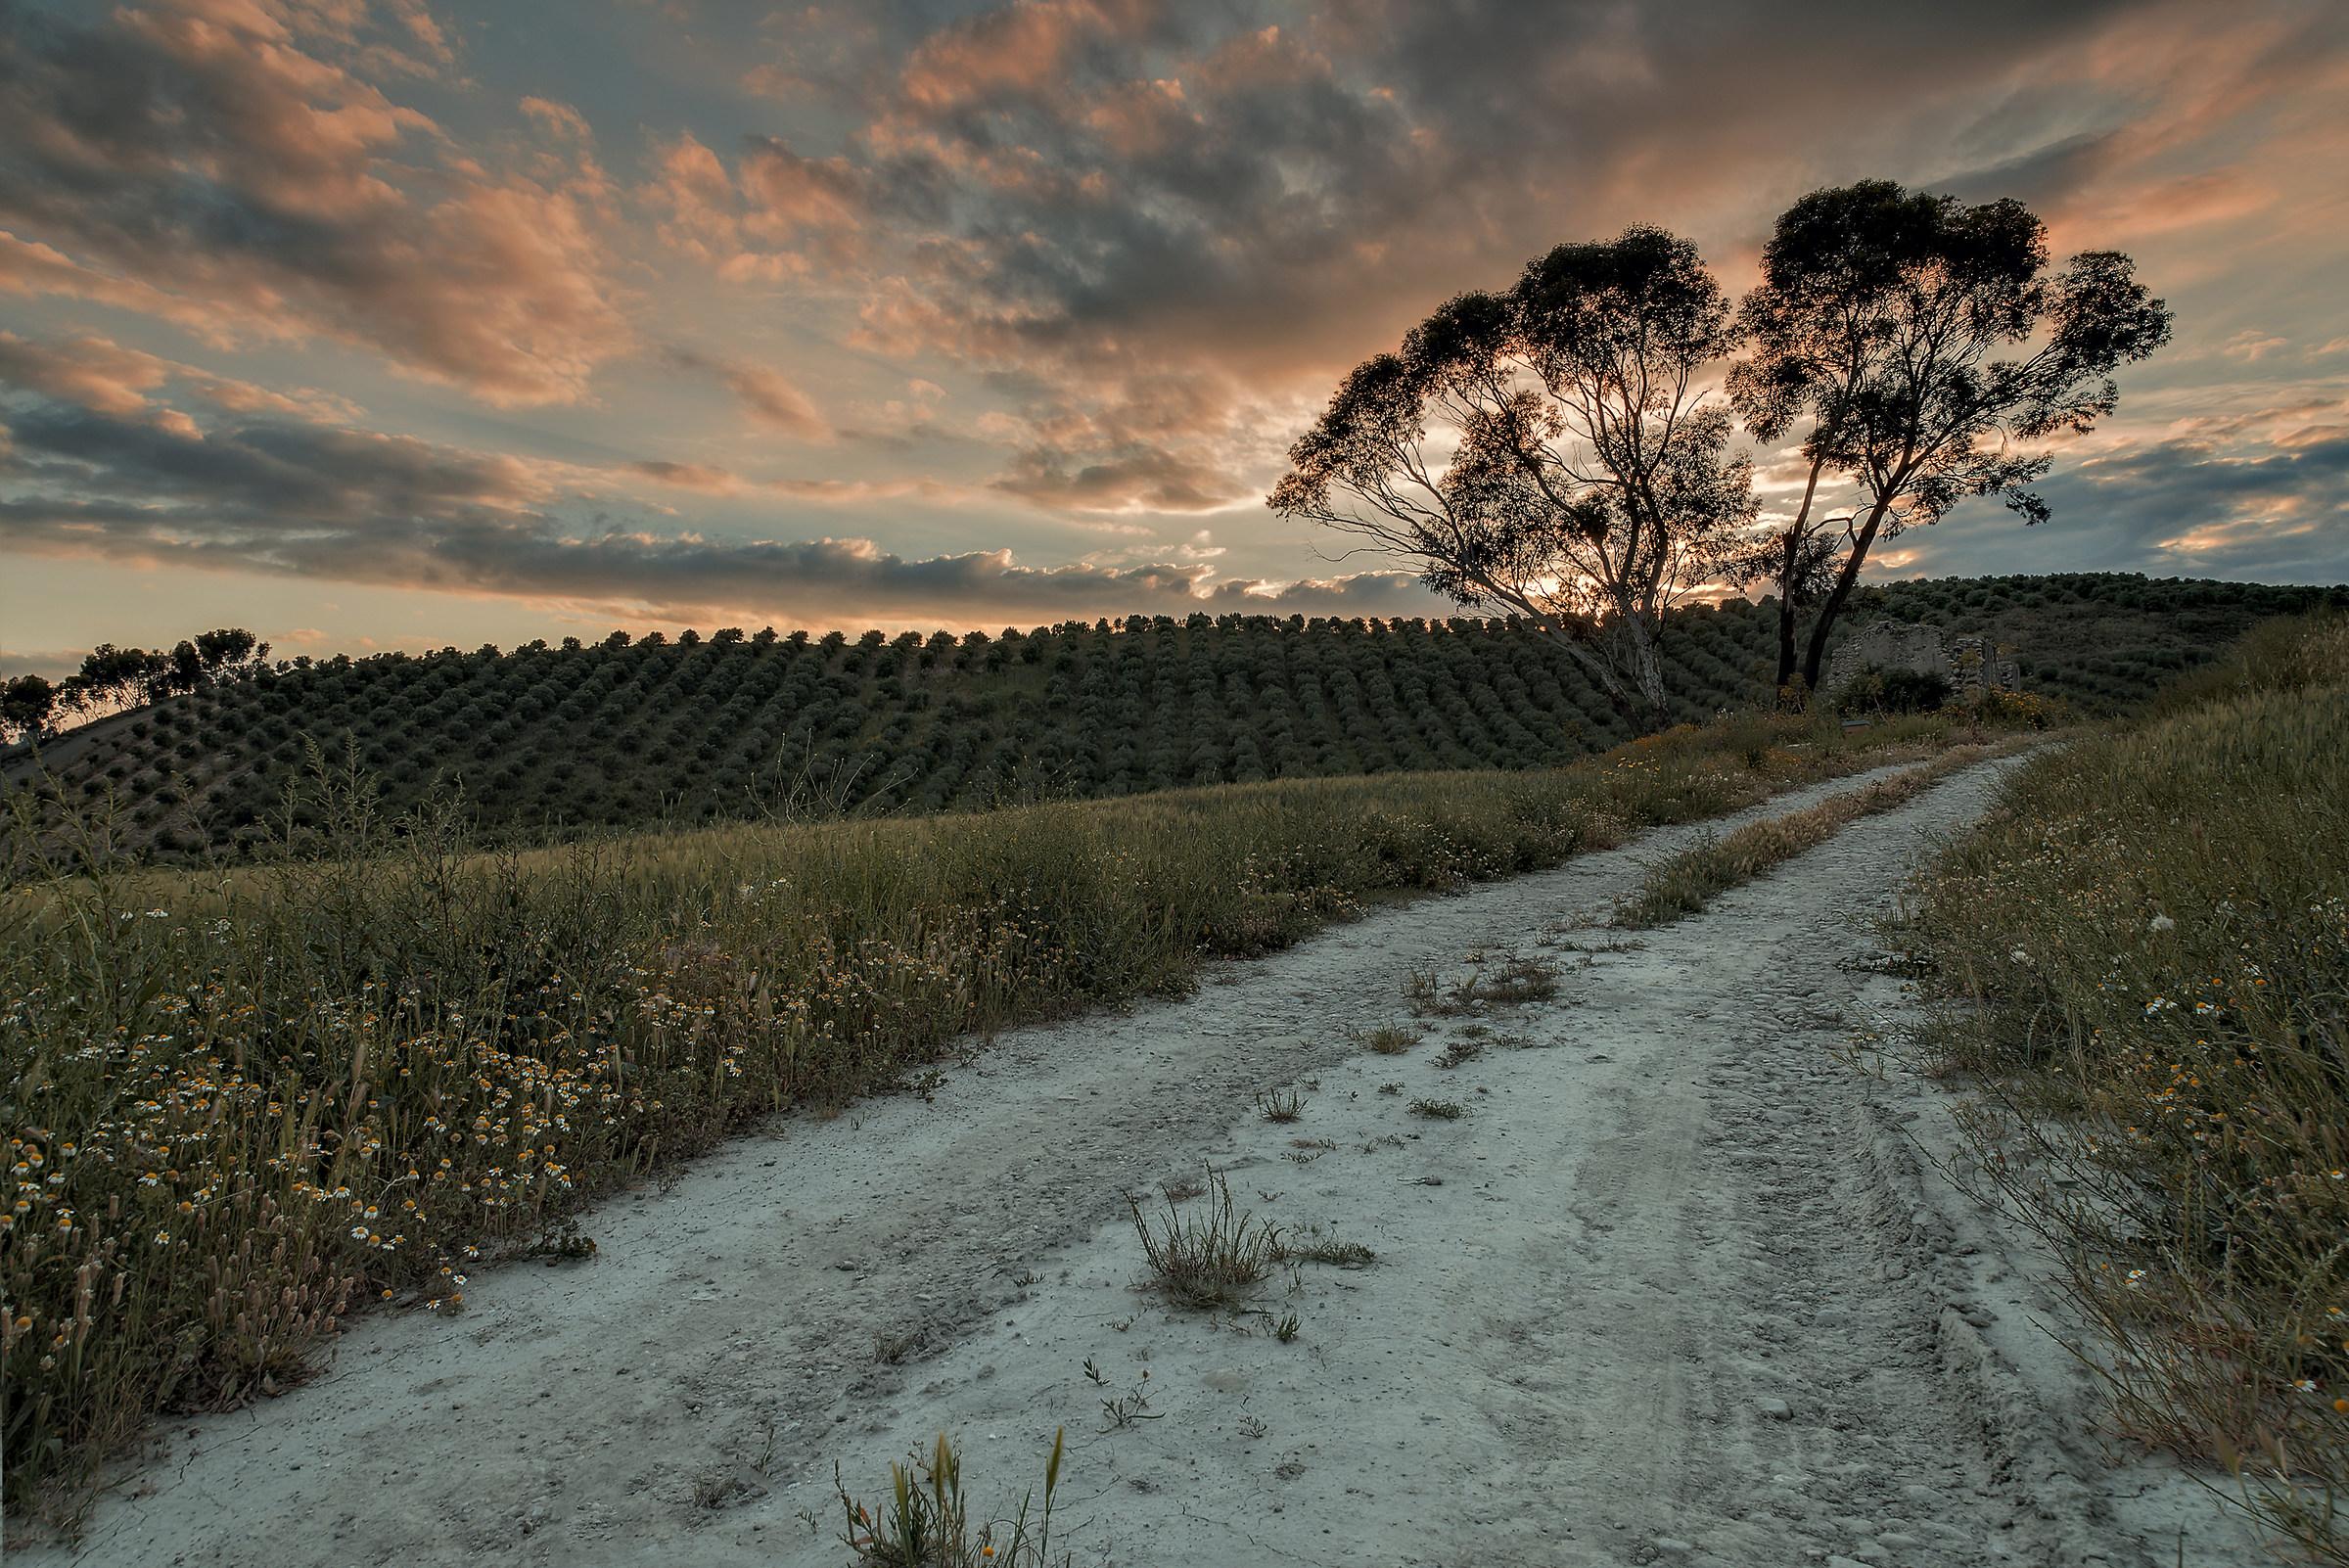 La strada di campagna!...